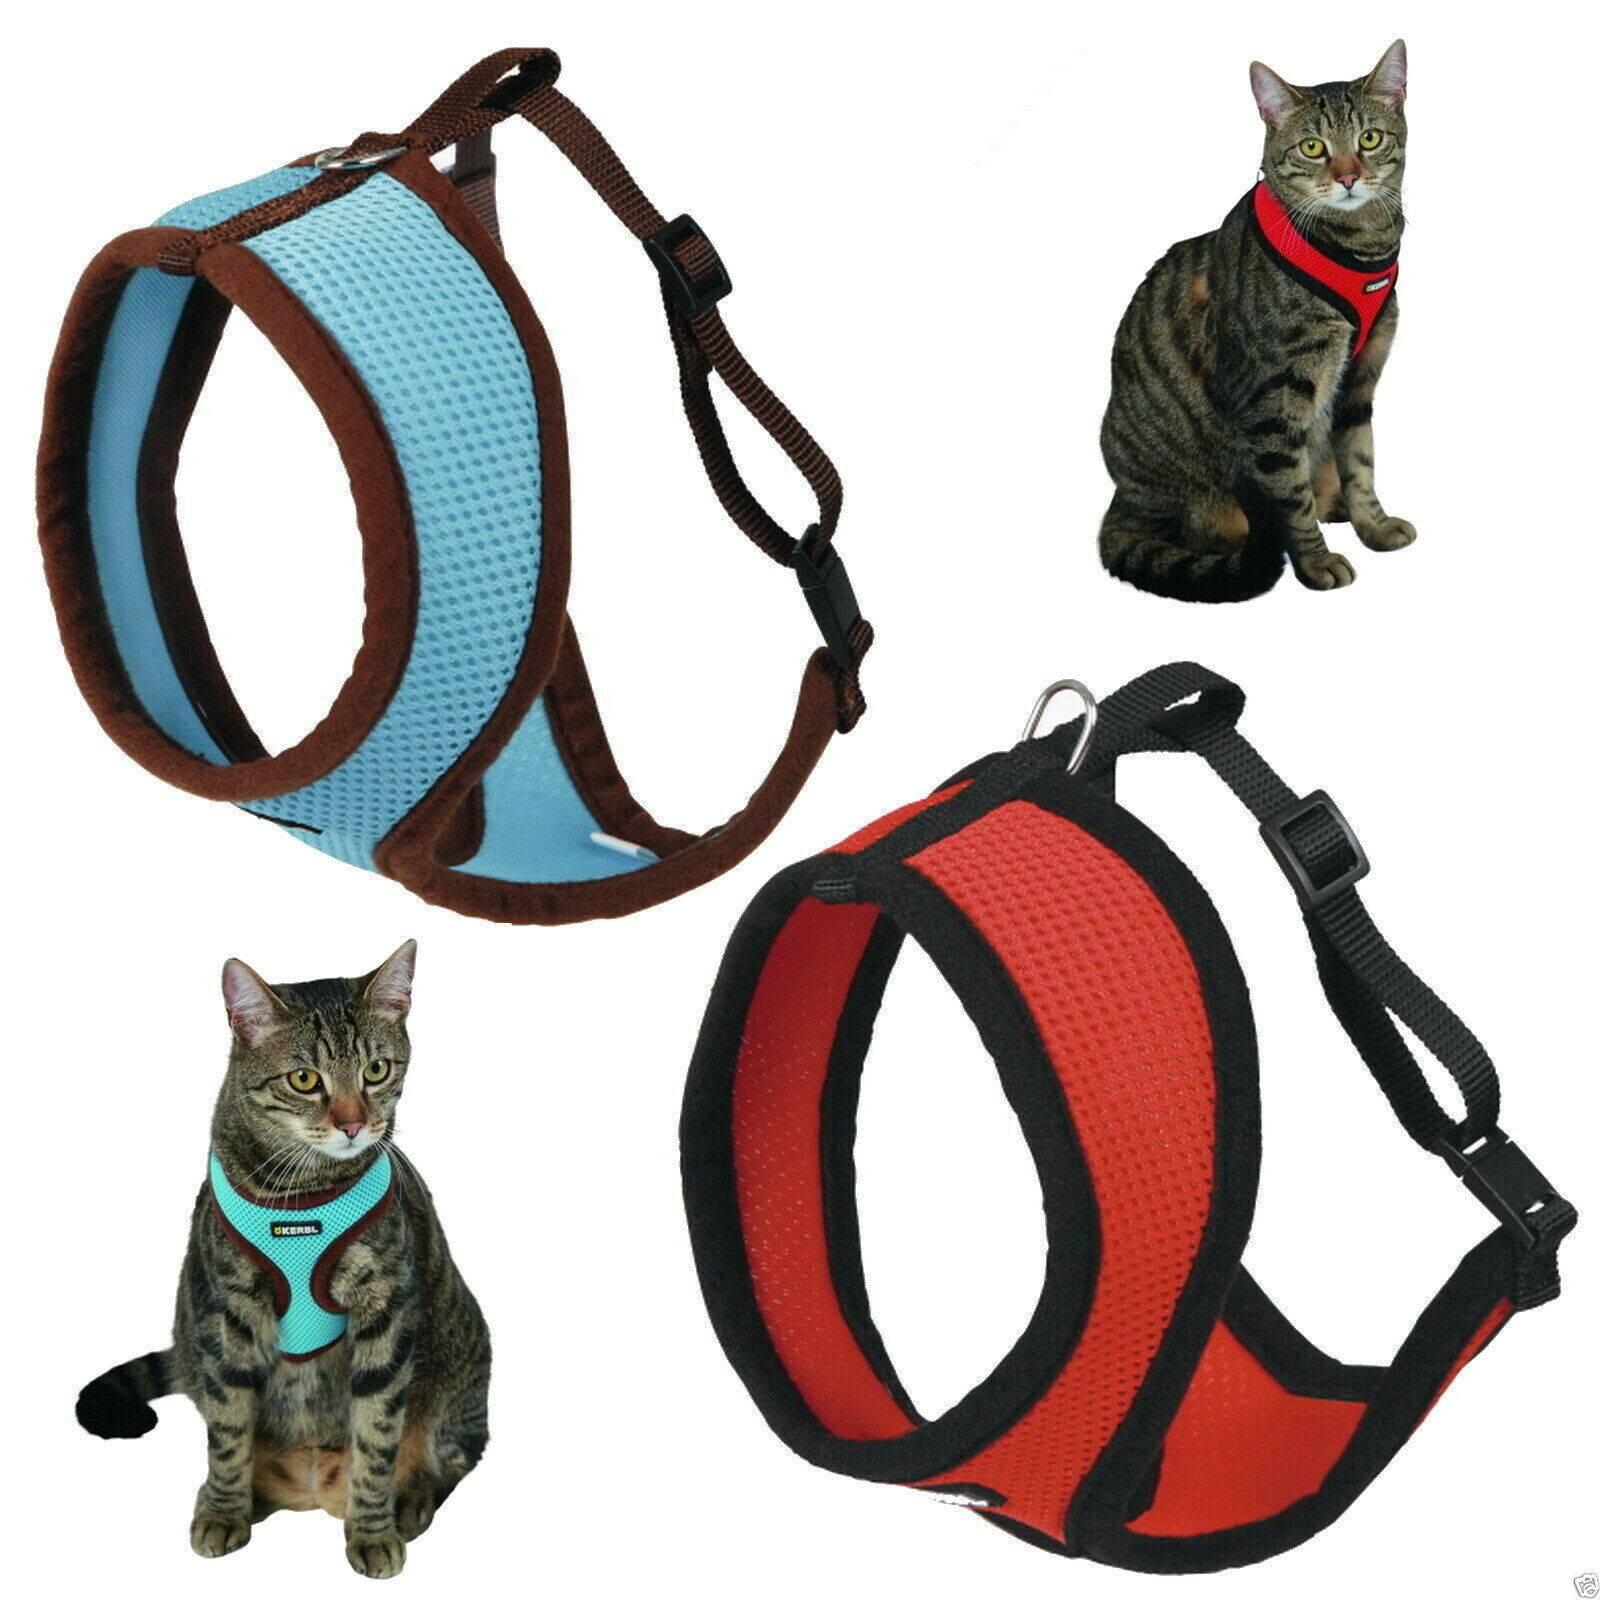 Примеры шлеек для кошки: варианты как сшить в домашних условиях, стоимость поводка